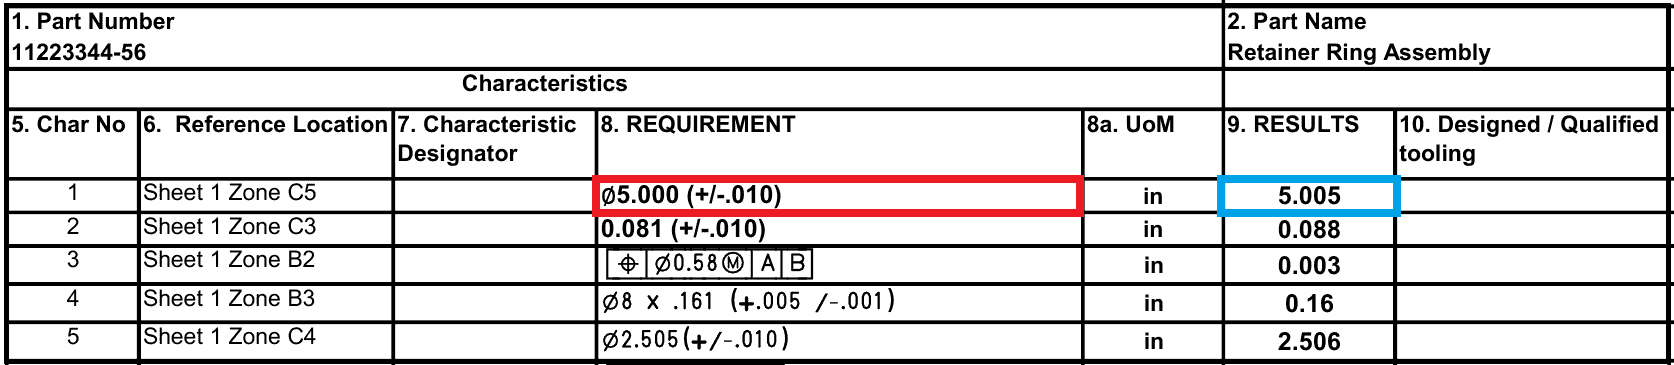 FAI検査における仕様と測定結果